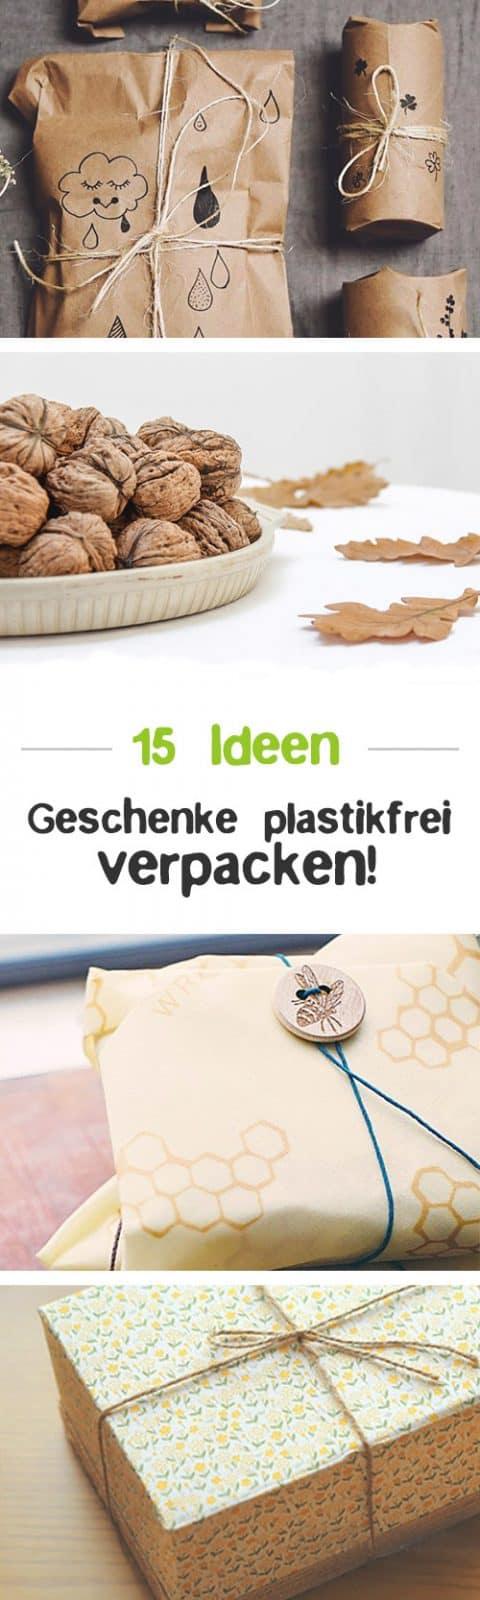 Geschenke plastikfrei verpacken - Zero Waste Geschenkverpackung